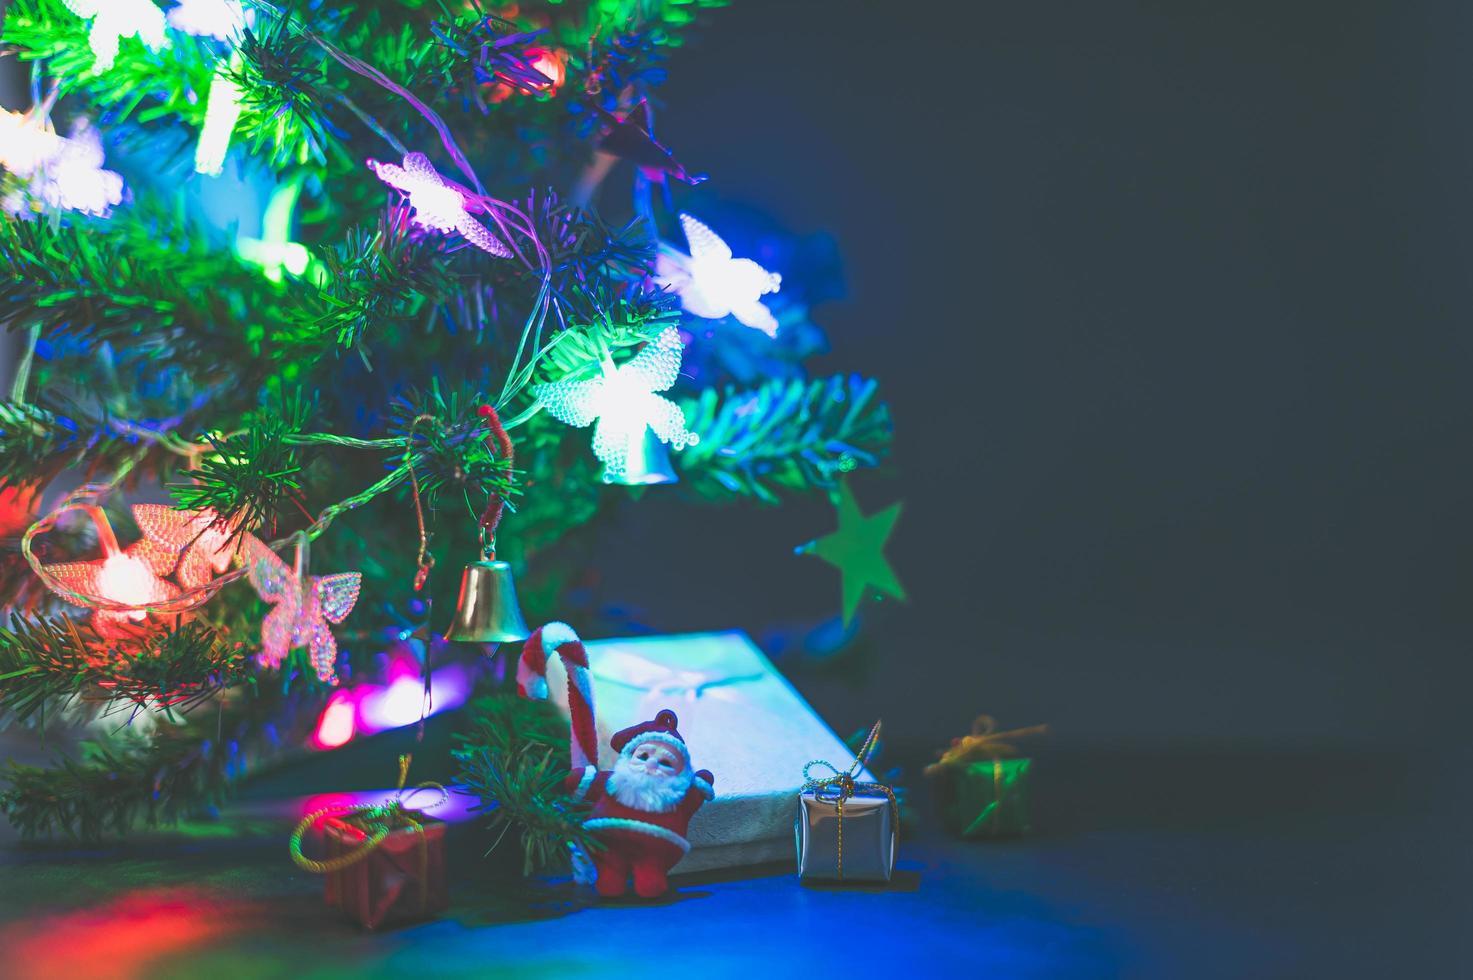 Frohe Weihnachten Hintergrund mit Weihnachtsbaum foto